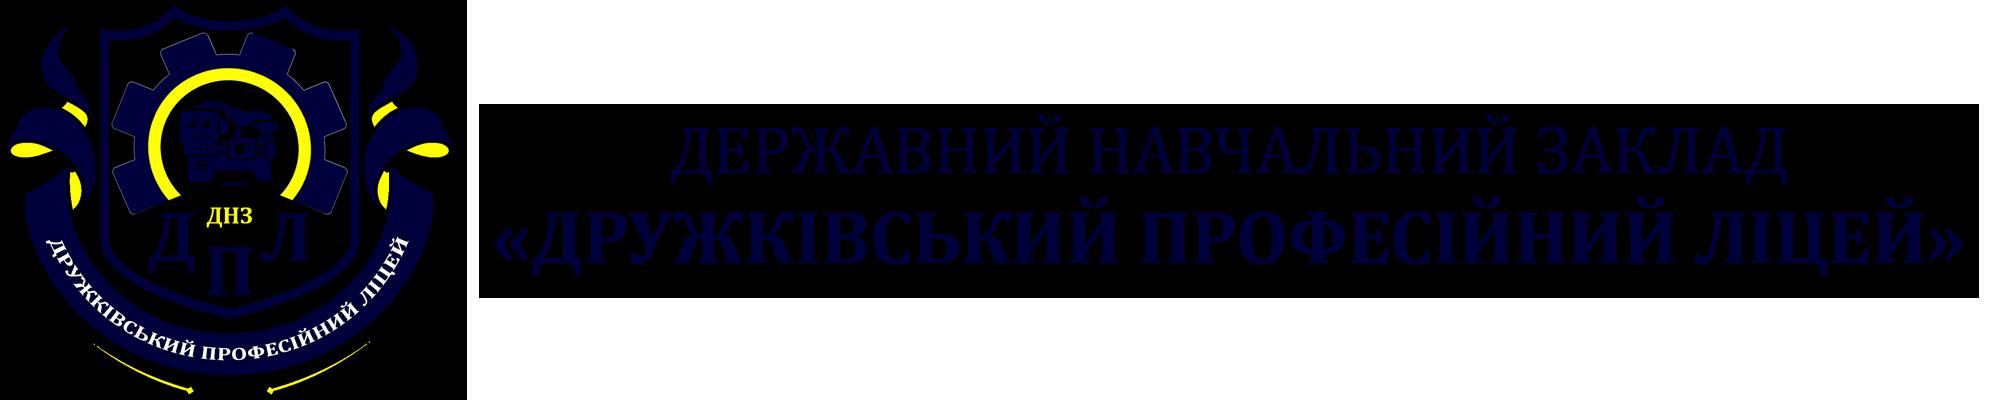 """ДНЗ """"Дружківський професійний ліцей"""""""